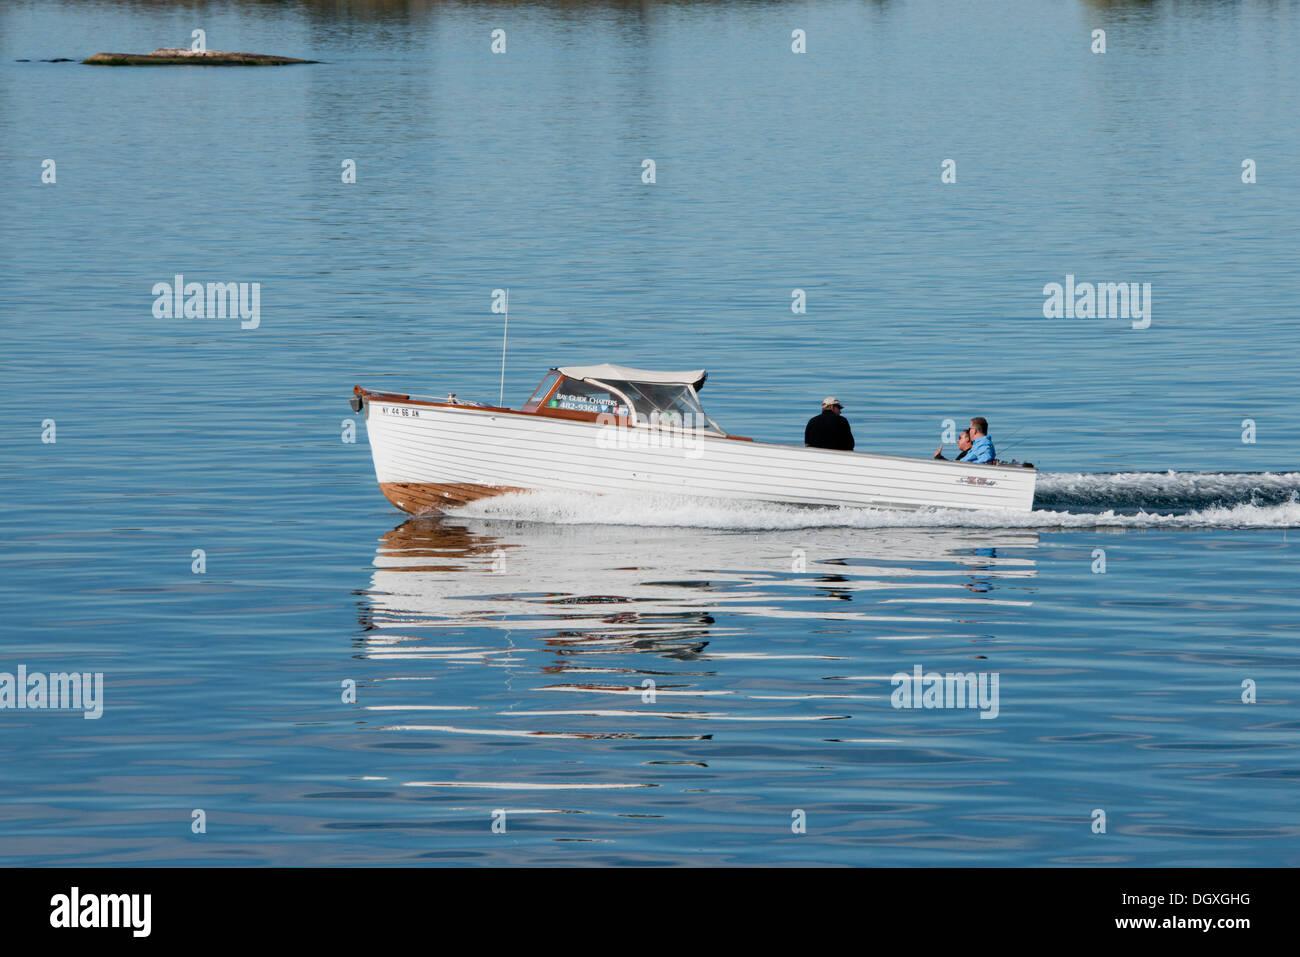 New York, San Lawrence Seaway, migliaia di isole. Vintage ricreativo con una barca a motore lungo la seaway. Immagini Stock